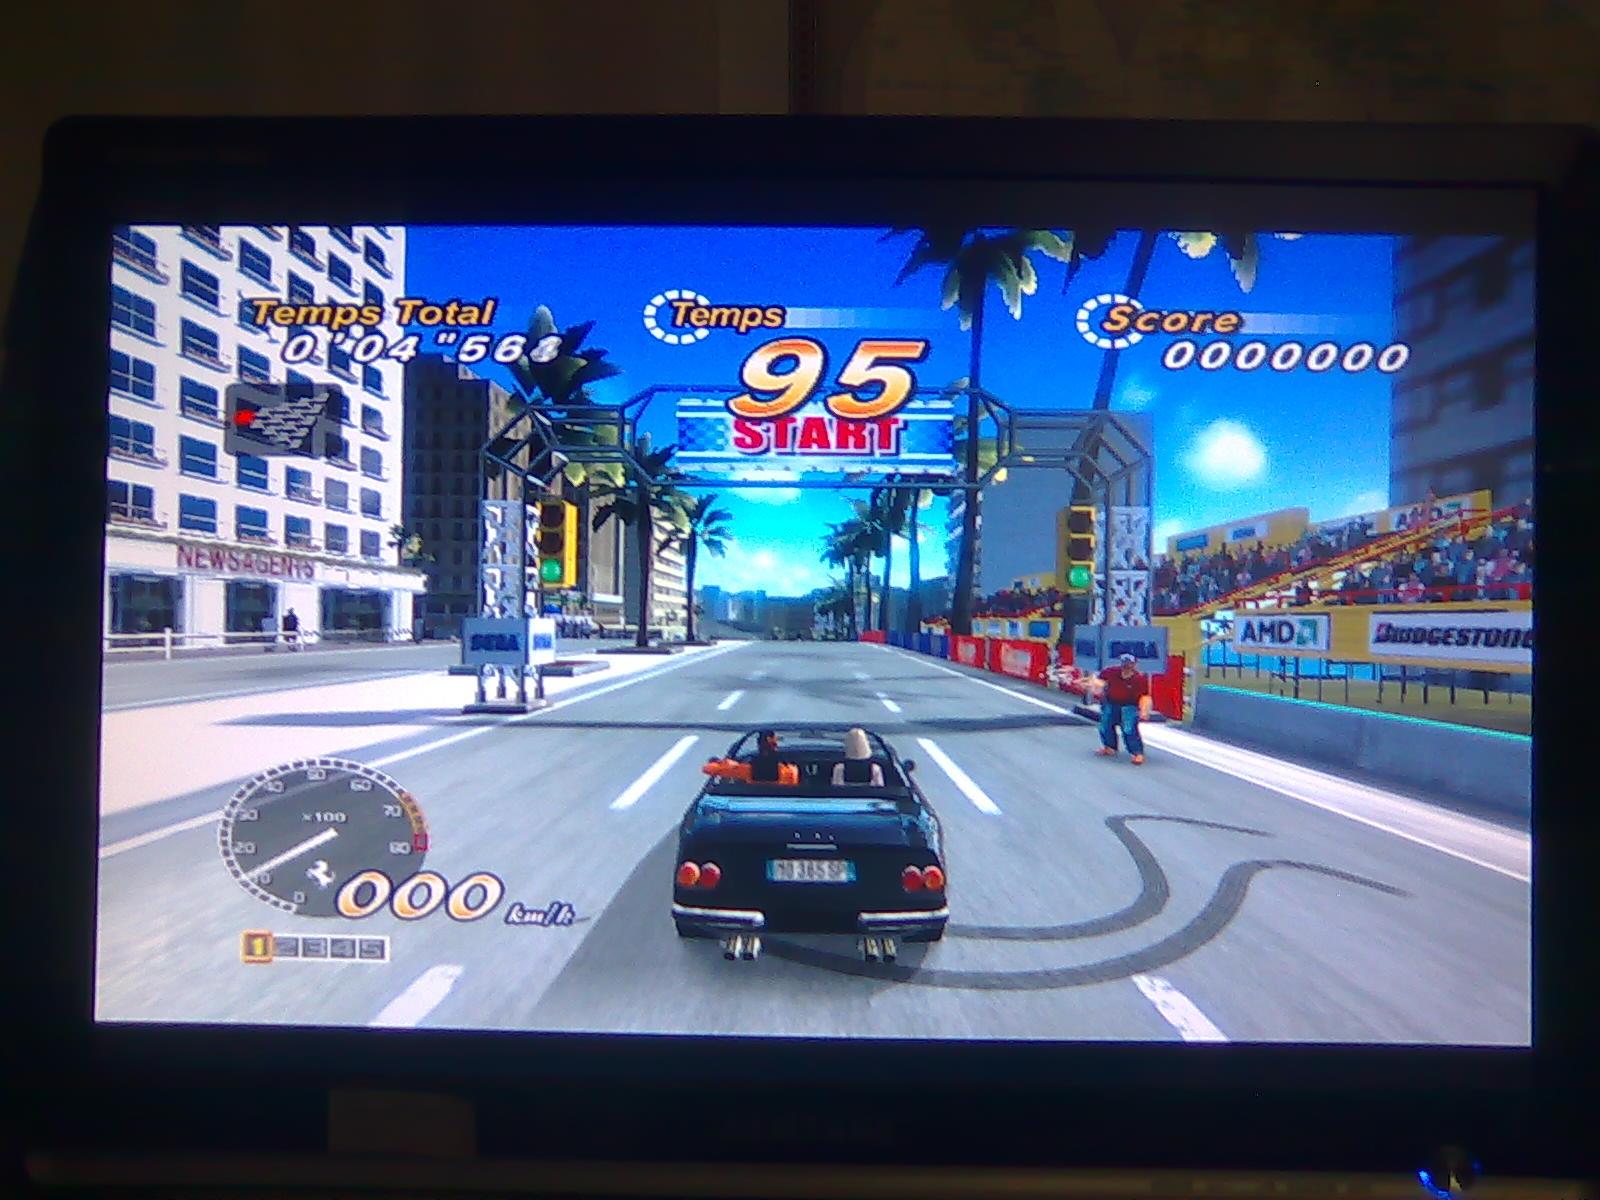 OutRun 2006 Coast2Coast sur Xbox 1 vs OutRun Online Arcade